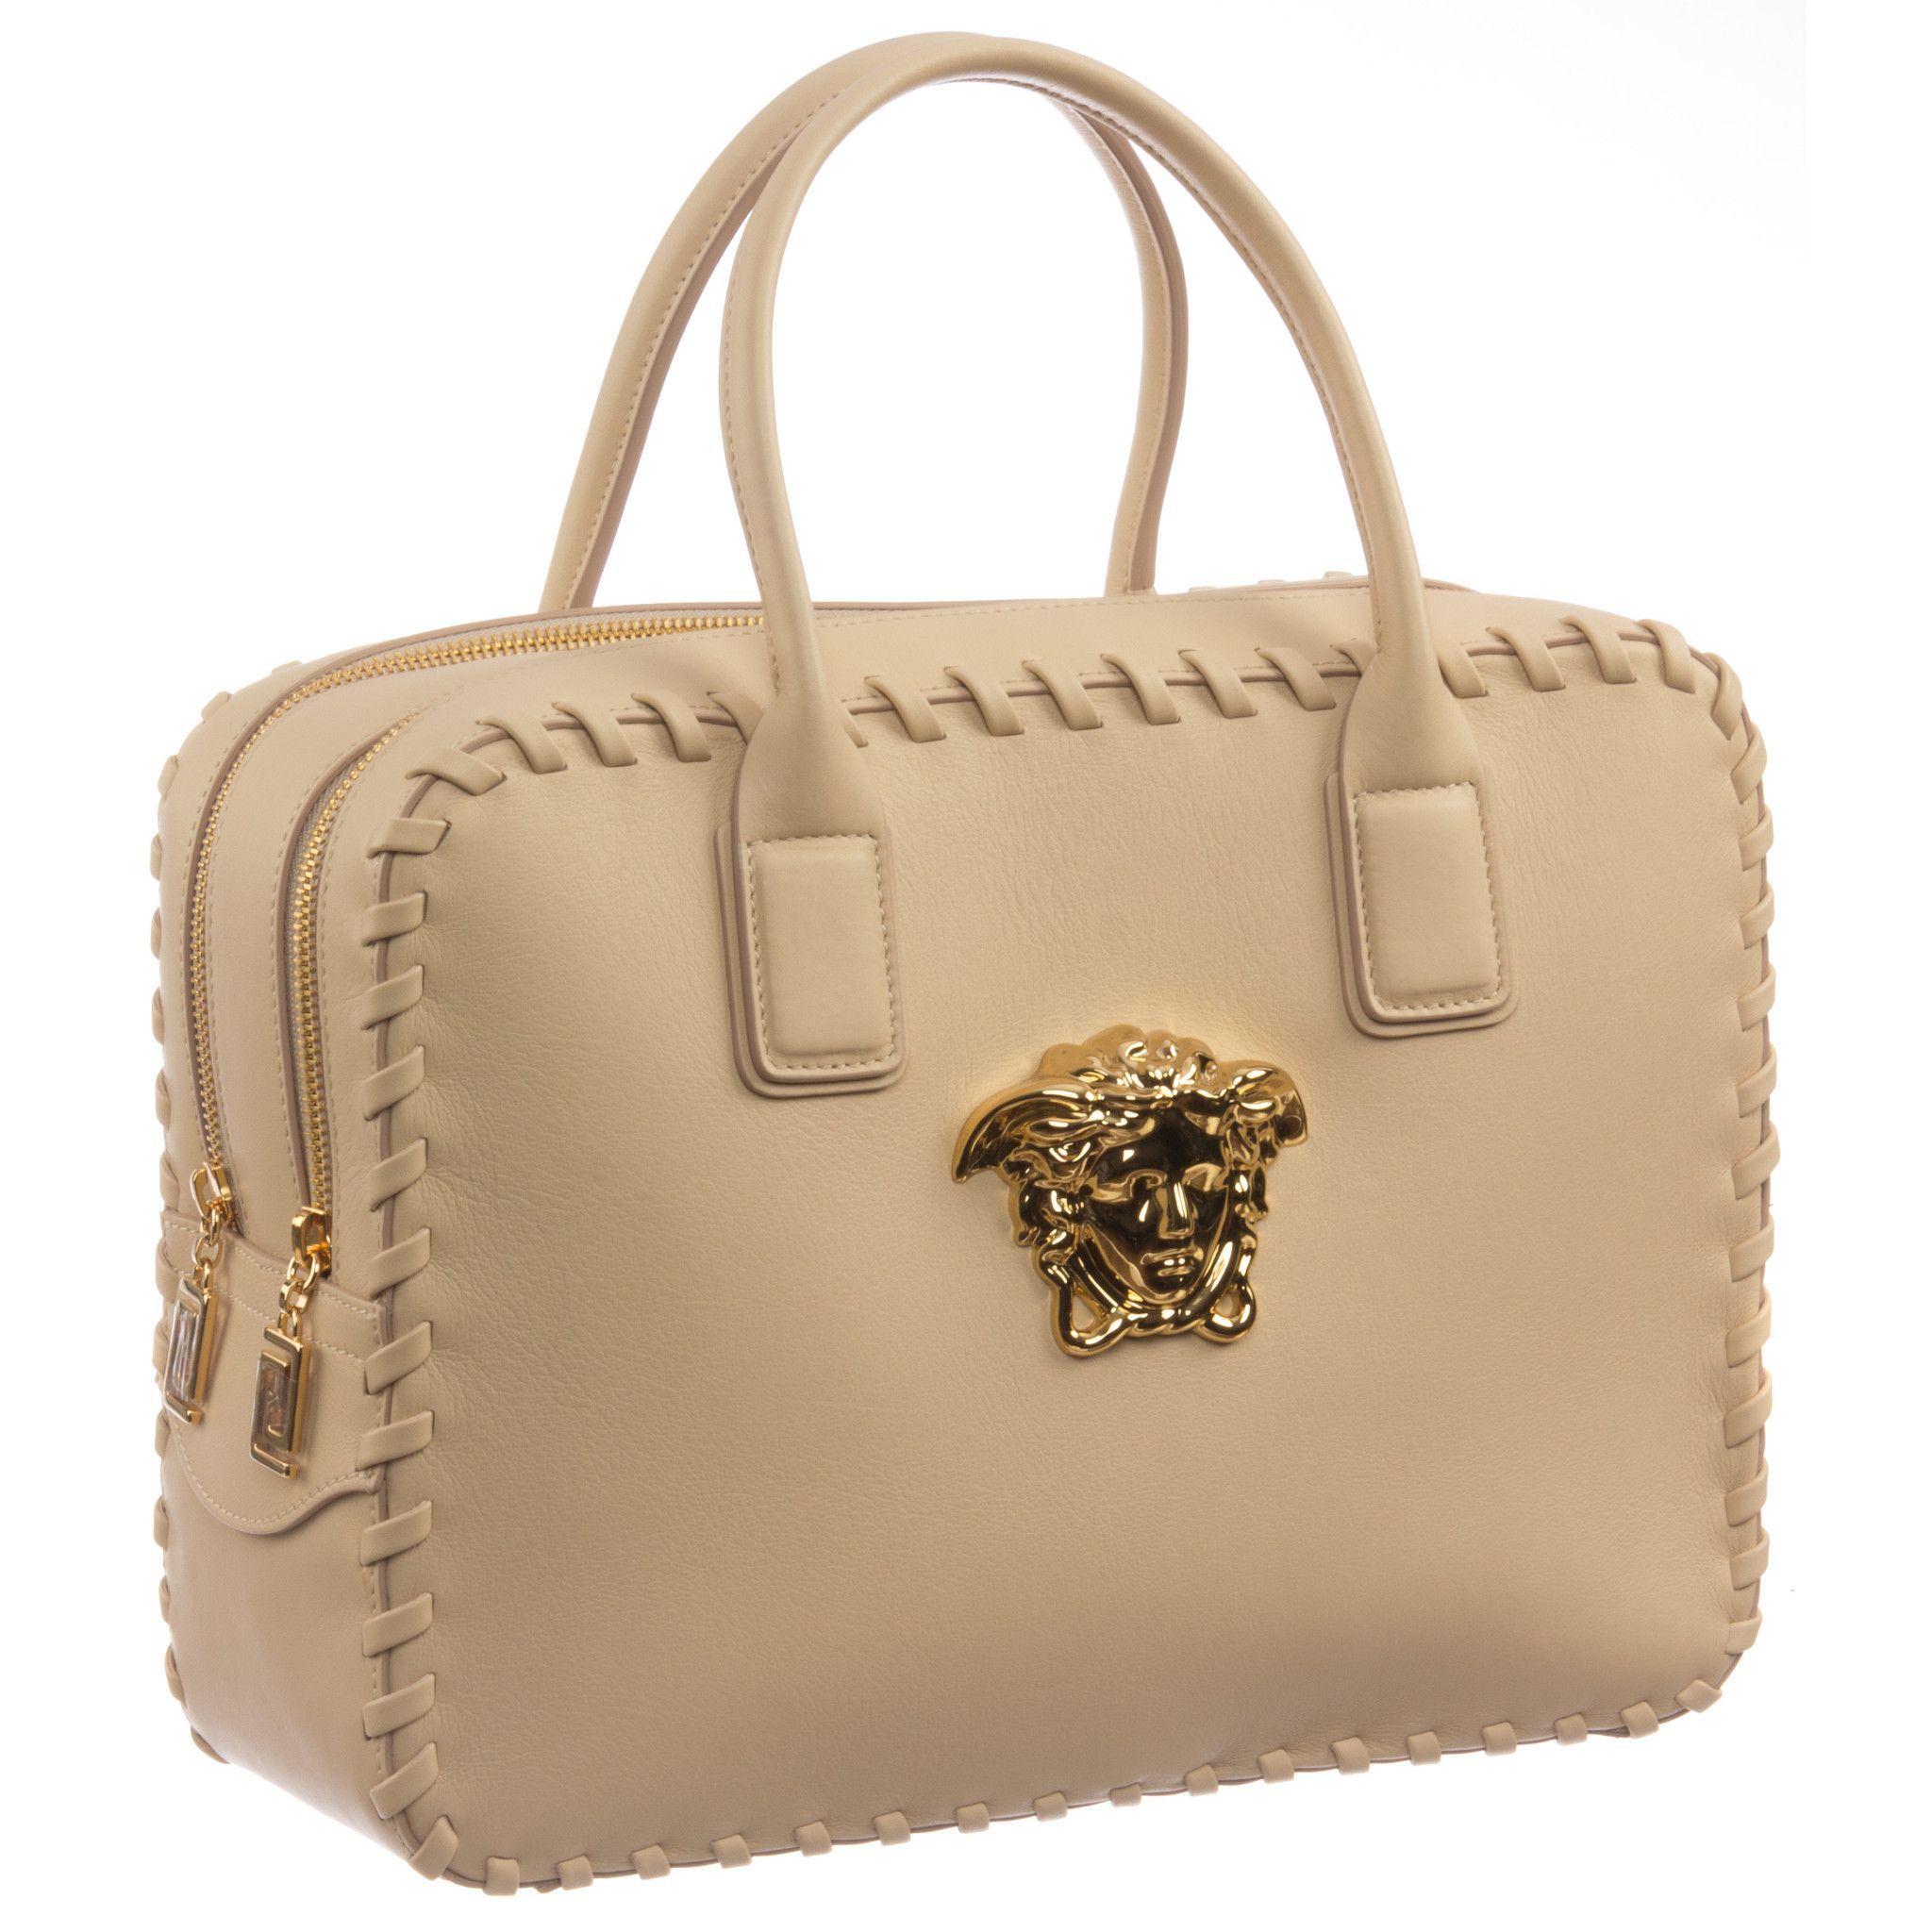 d6b7092ea4 Versace Signature Medusa Lock Leather Handbag-K240H